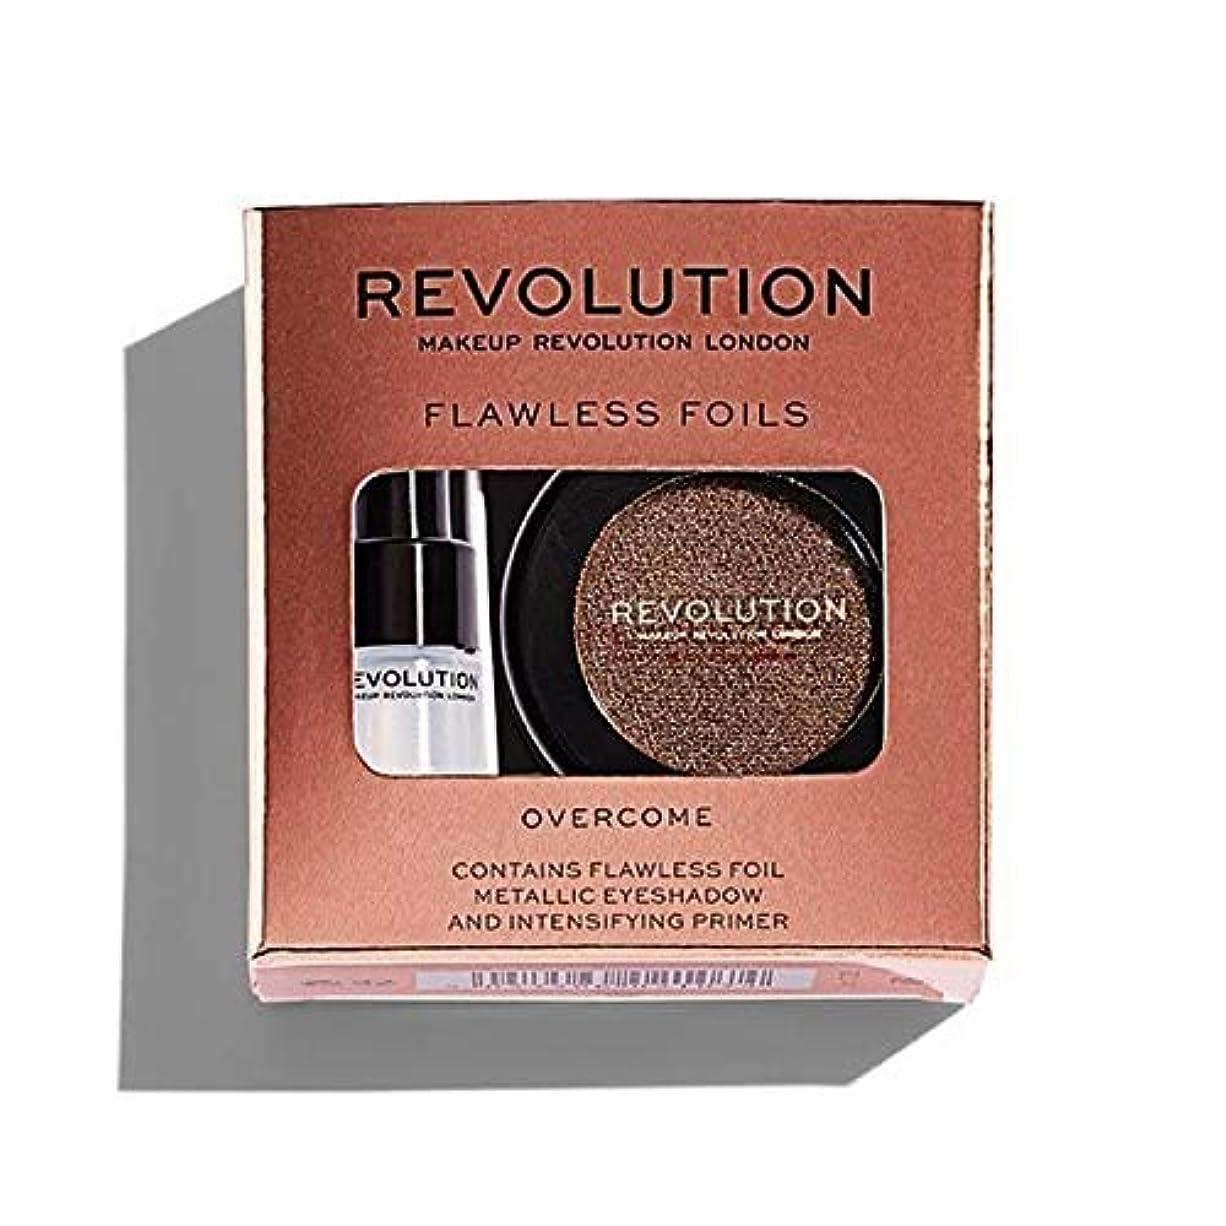 ジェーンオースティントレイル平野[Revolution ] 克服革命完璧な箔 - Revolution Flawless Foils Overcome [並行輸入品]